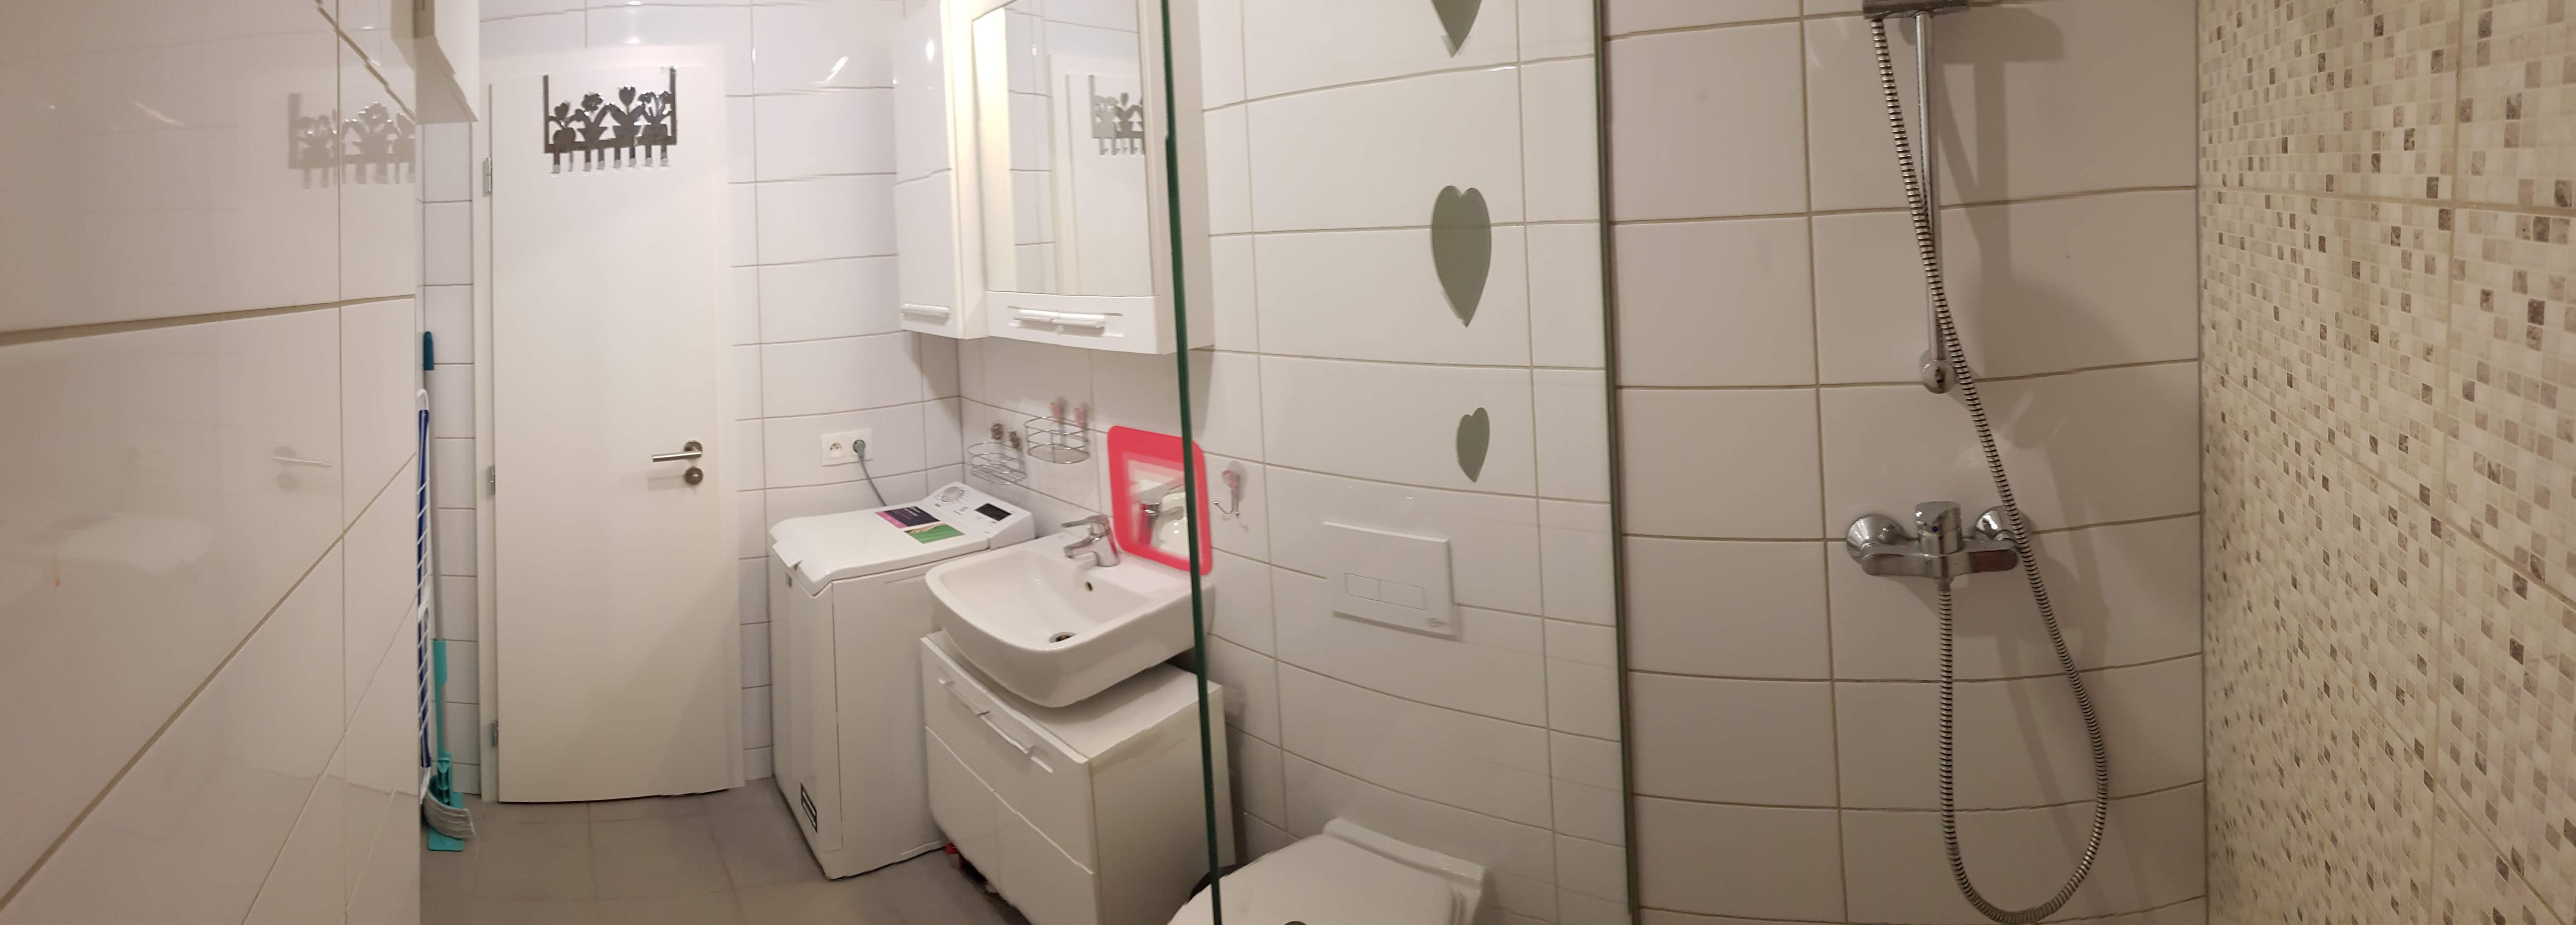 Prenájom 2 izb. byt, Dornyk, Ružinov-Trnávka, 34,51m2, Pri Avione-13